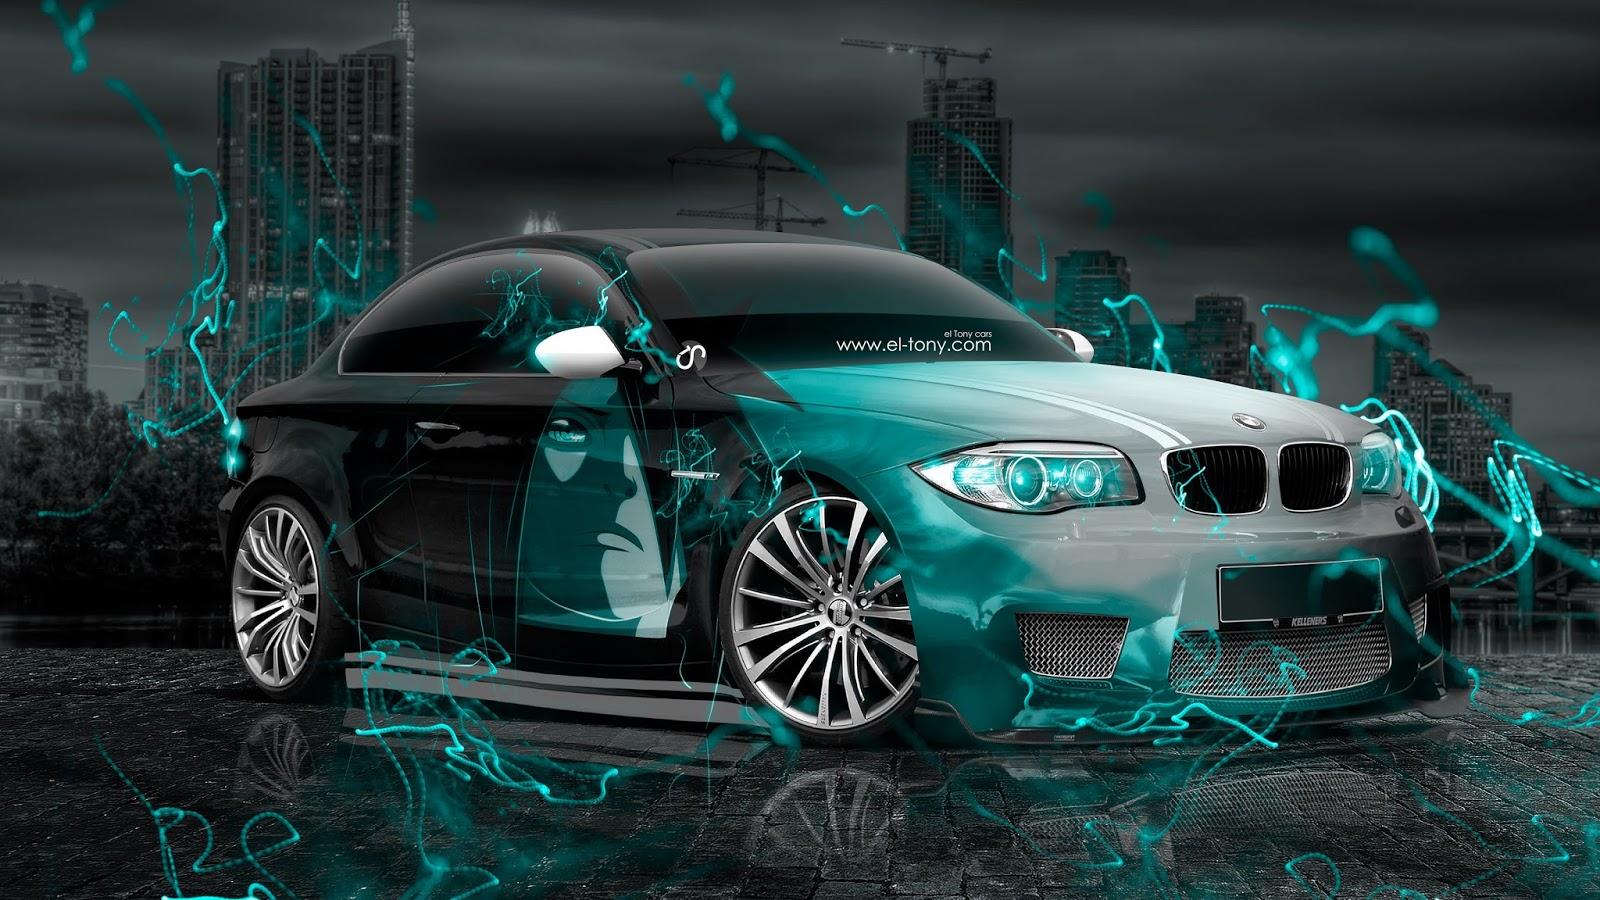 بالصور اجمل صور سيارات , احدث صور للعربيات الجديدة 4725 2